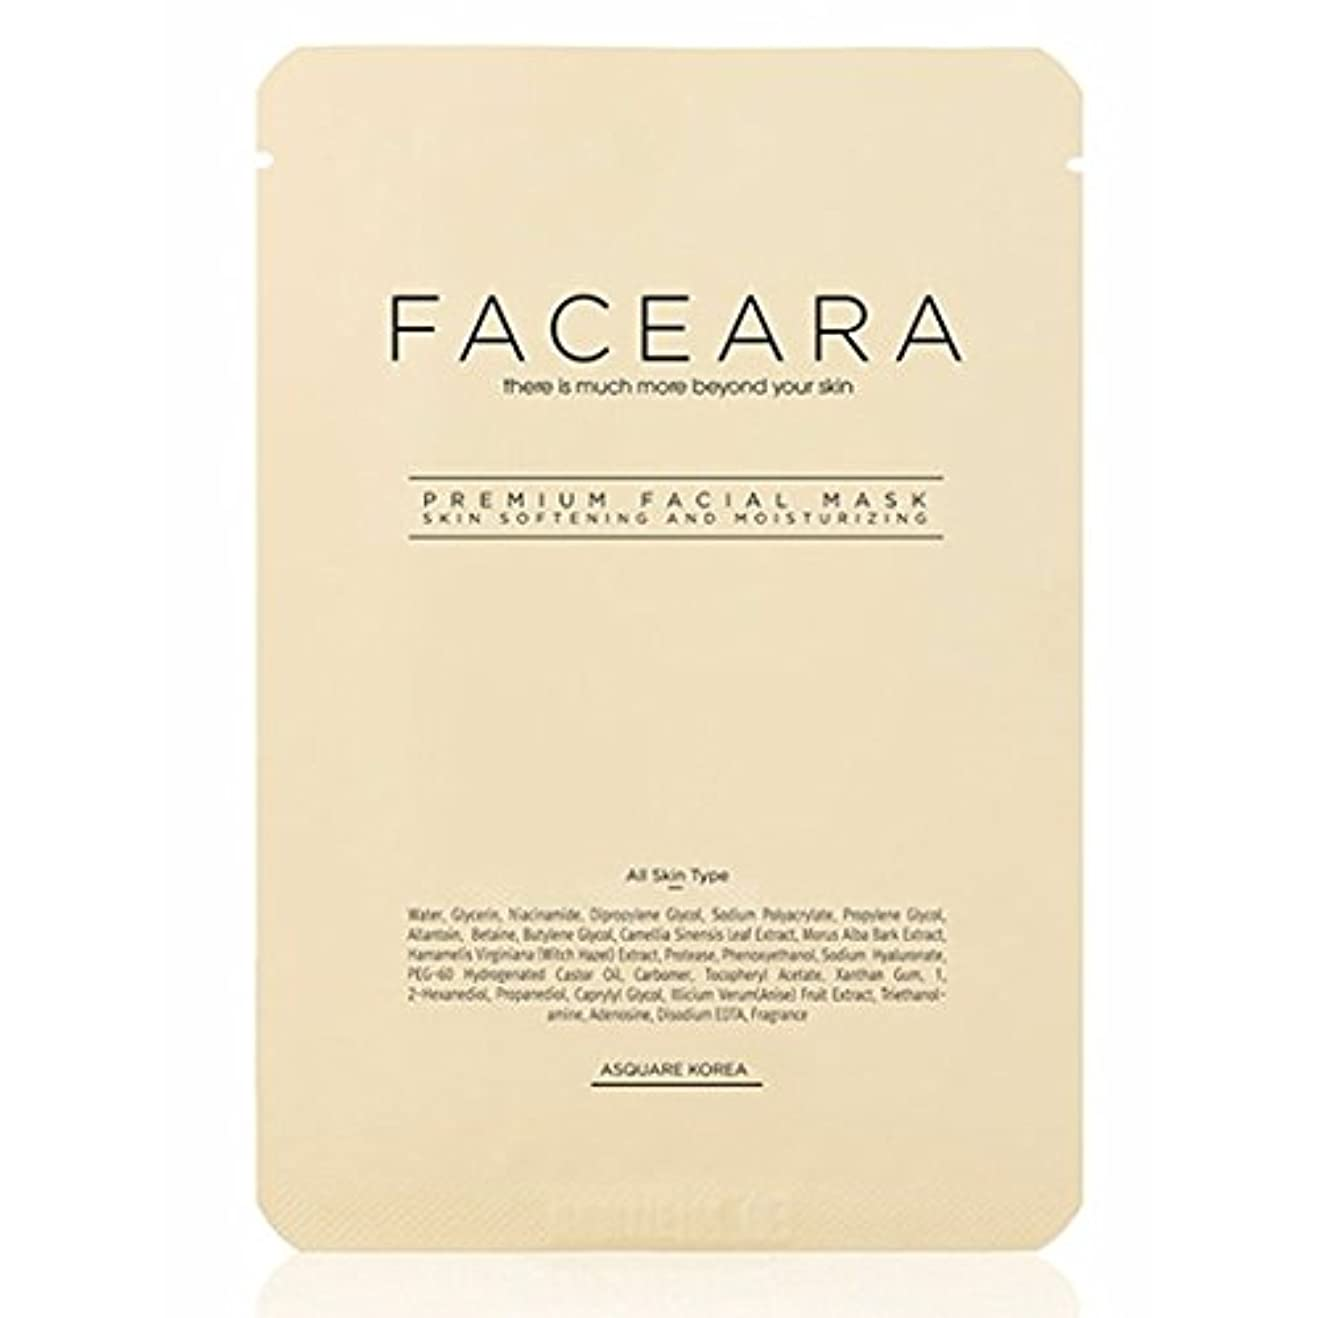 再生可能公演にやにや[並行輸入品] FACEARA スクラブ&スーパーモイスチャライザー用プレミアムフェイシャルマスクシート25g 10本セット / FACEARA Premium Facial Mask Sheet for Scrub & Super Moisturizer 25g 10pcs Set